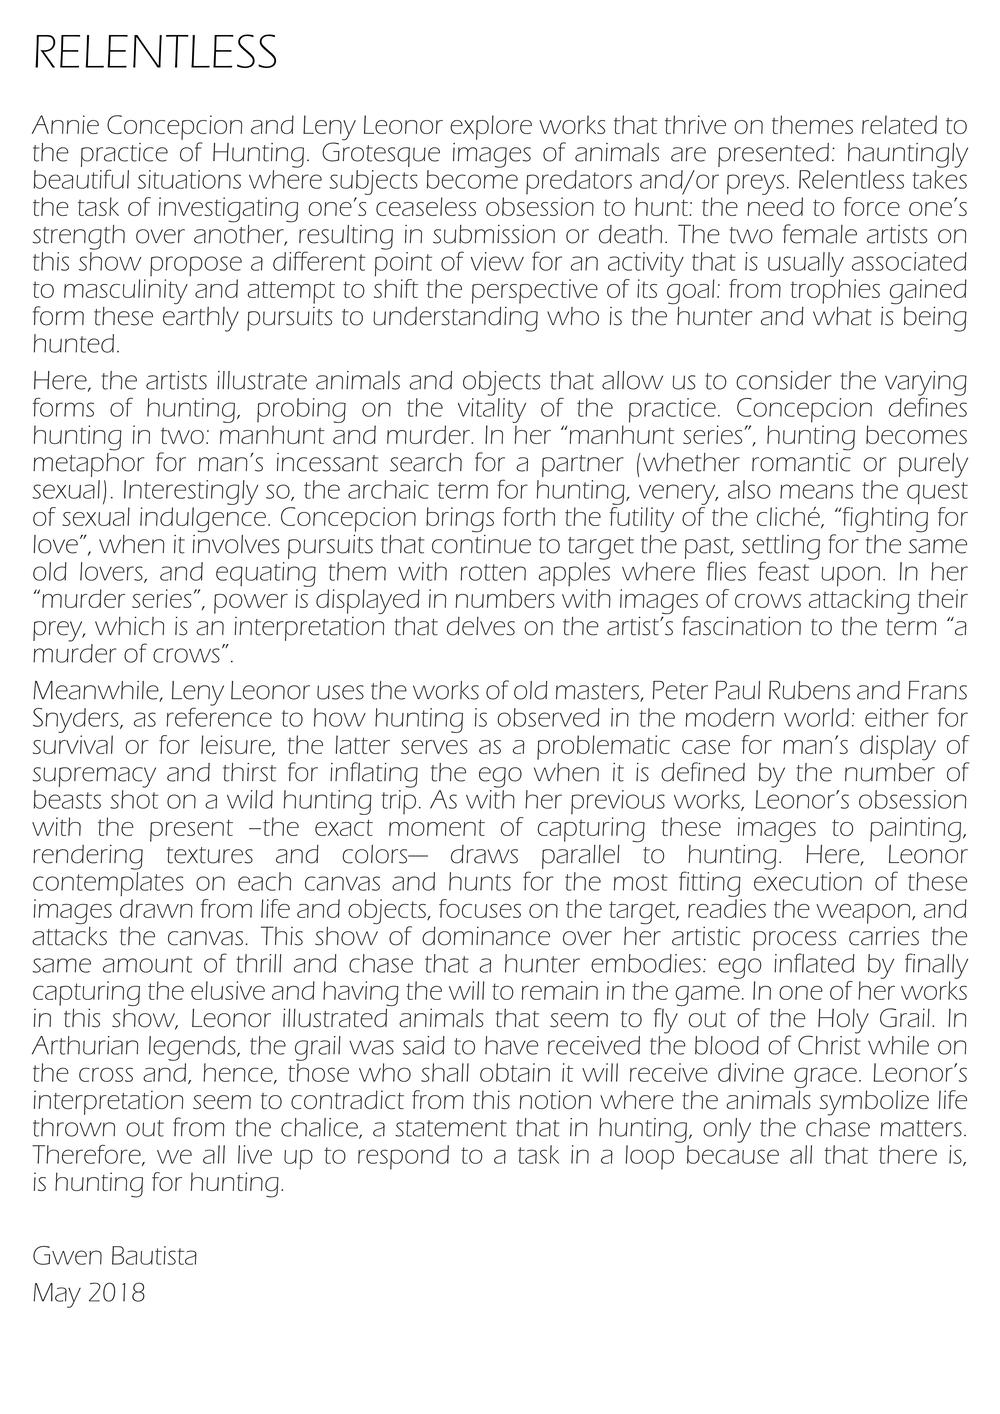 relentless_exhibit-text.png